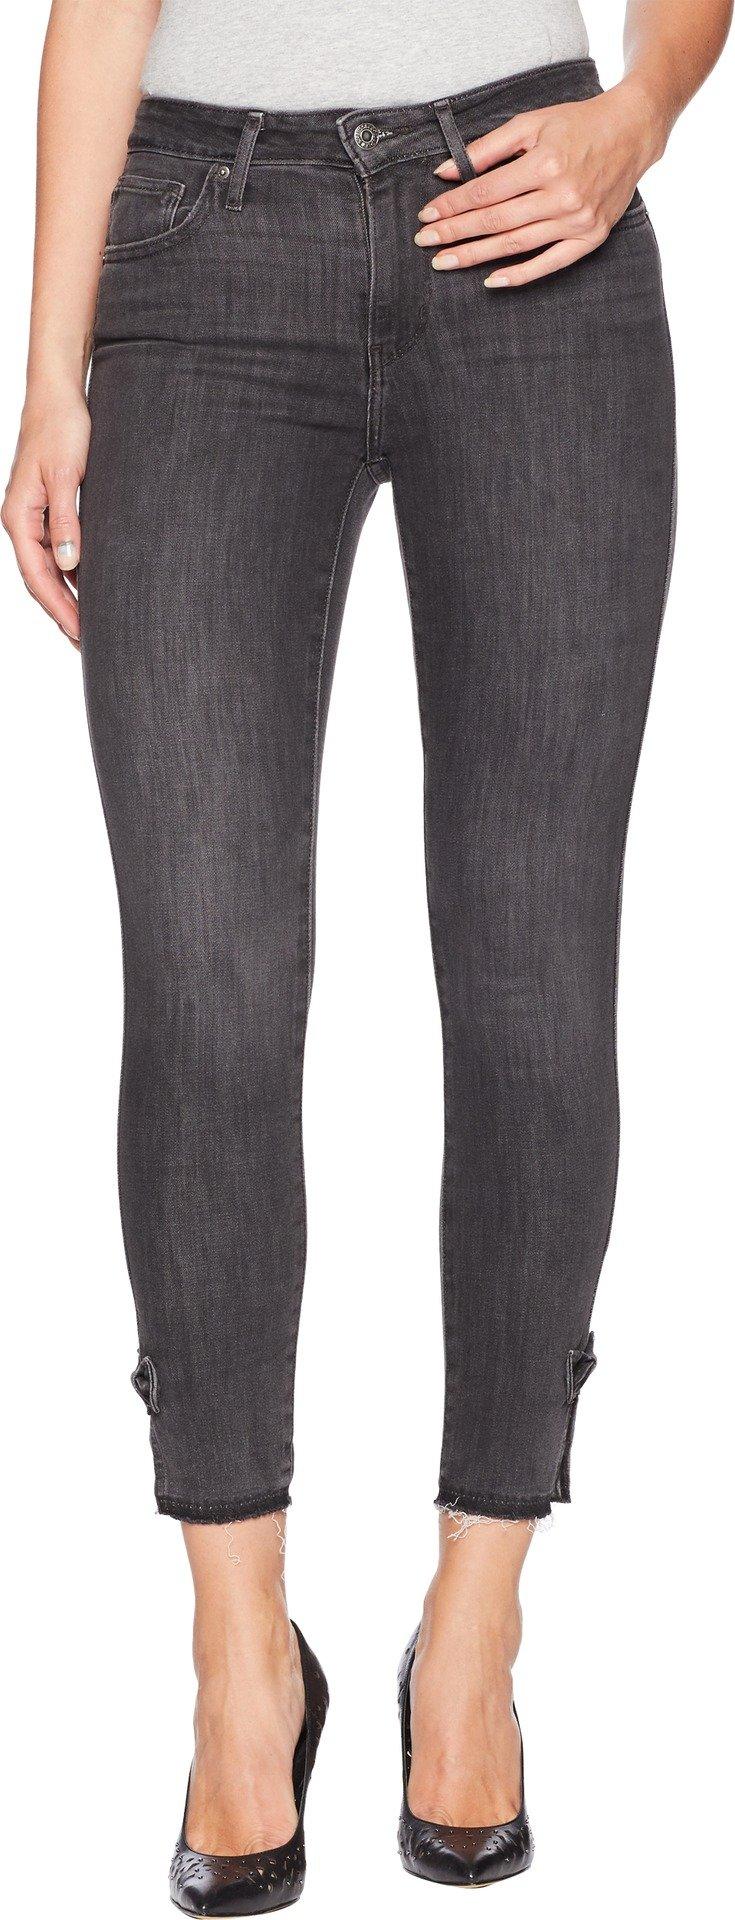 Levi's Women's 721 High Rise Skinny Jeans, Nova Black, 24 (US 00)